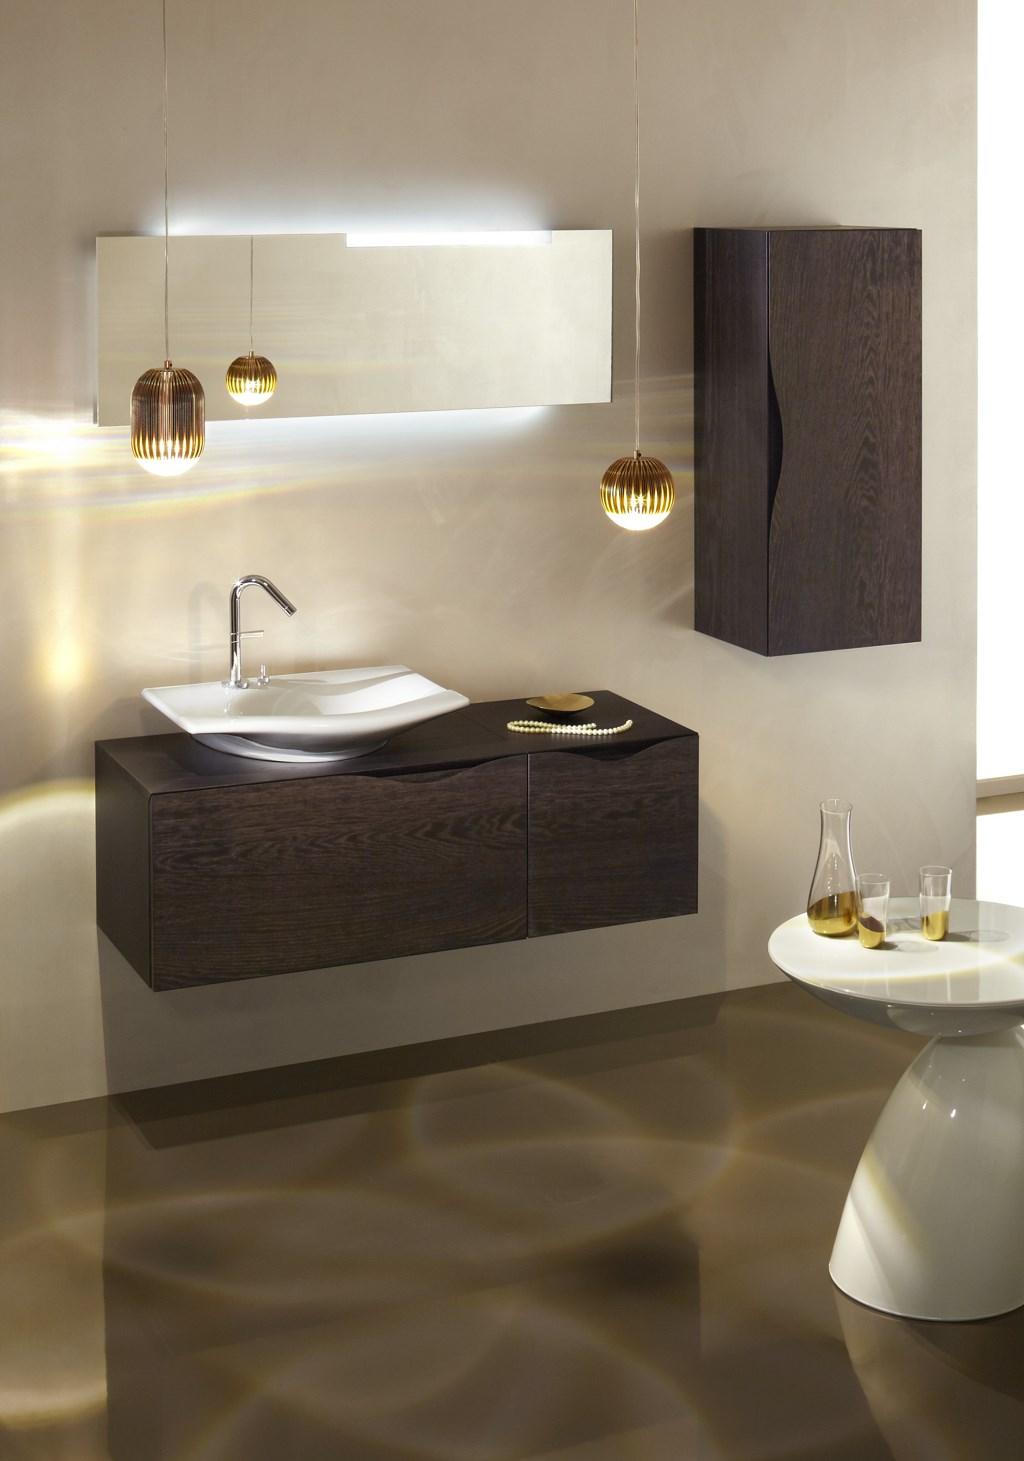 stillness jacob delafon 20170809030449. Black Bedroom Furniture Sets. Home Design Ideas